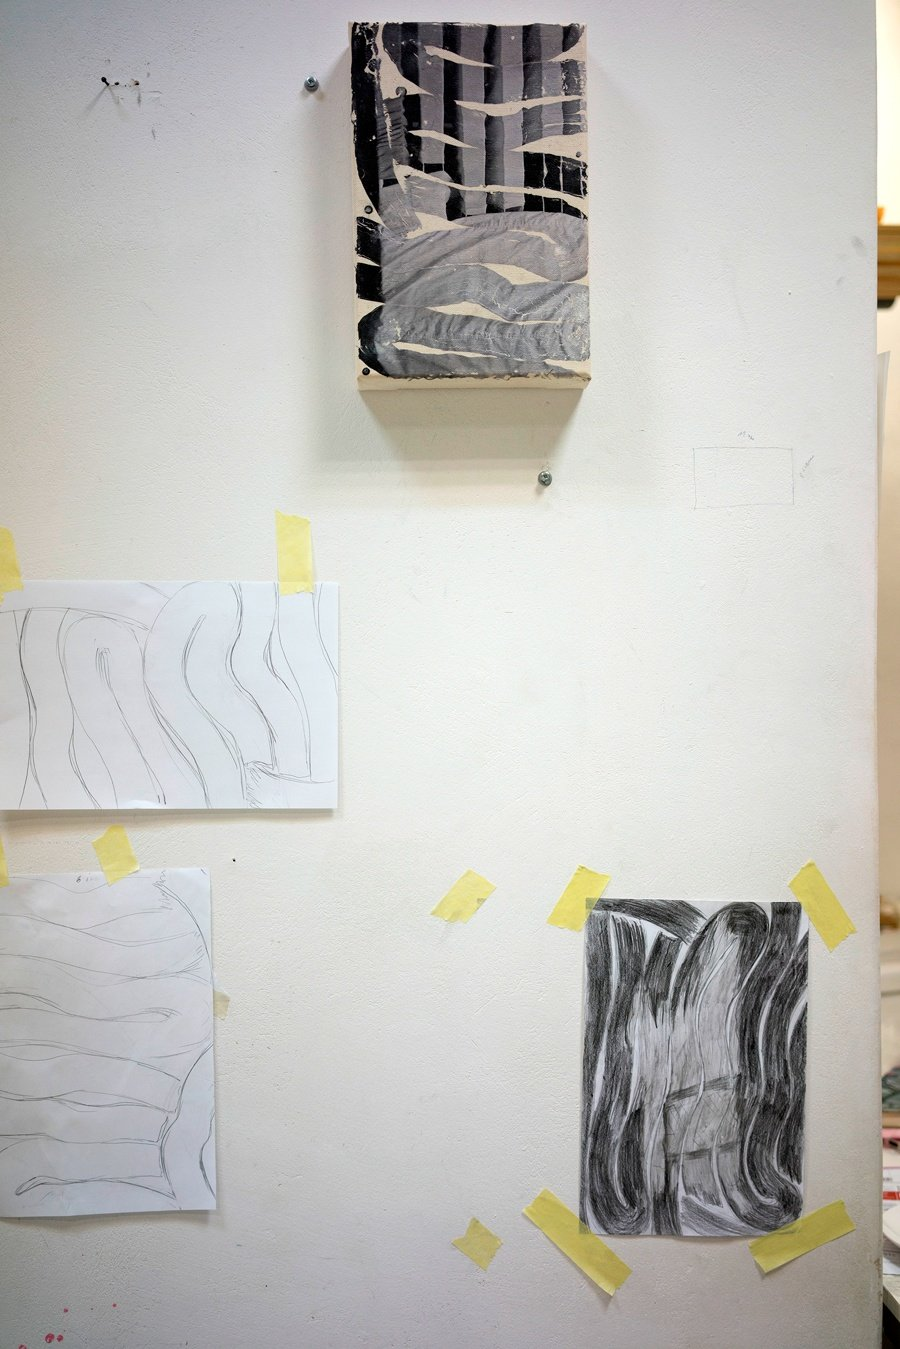 The studio of Tatjana Danneberg in Warsaw, September 2020. Courtesy of the artist.